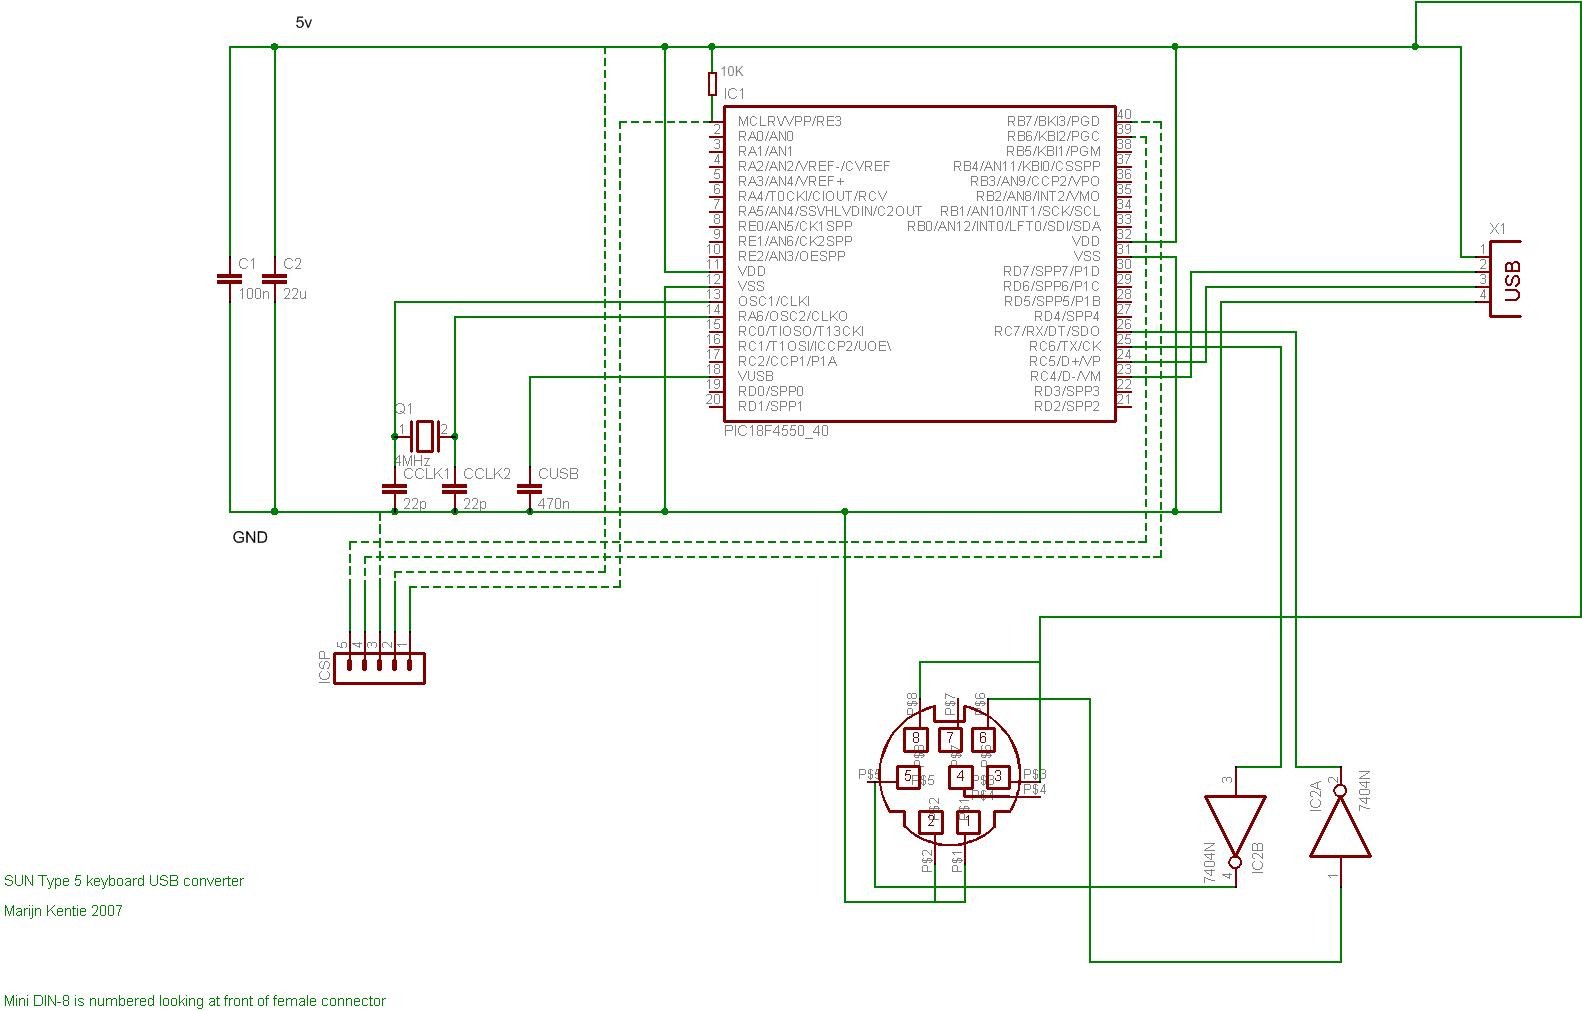 n300 wireless usb adapter schematic usb keyboard schematic #6